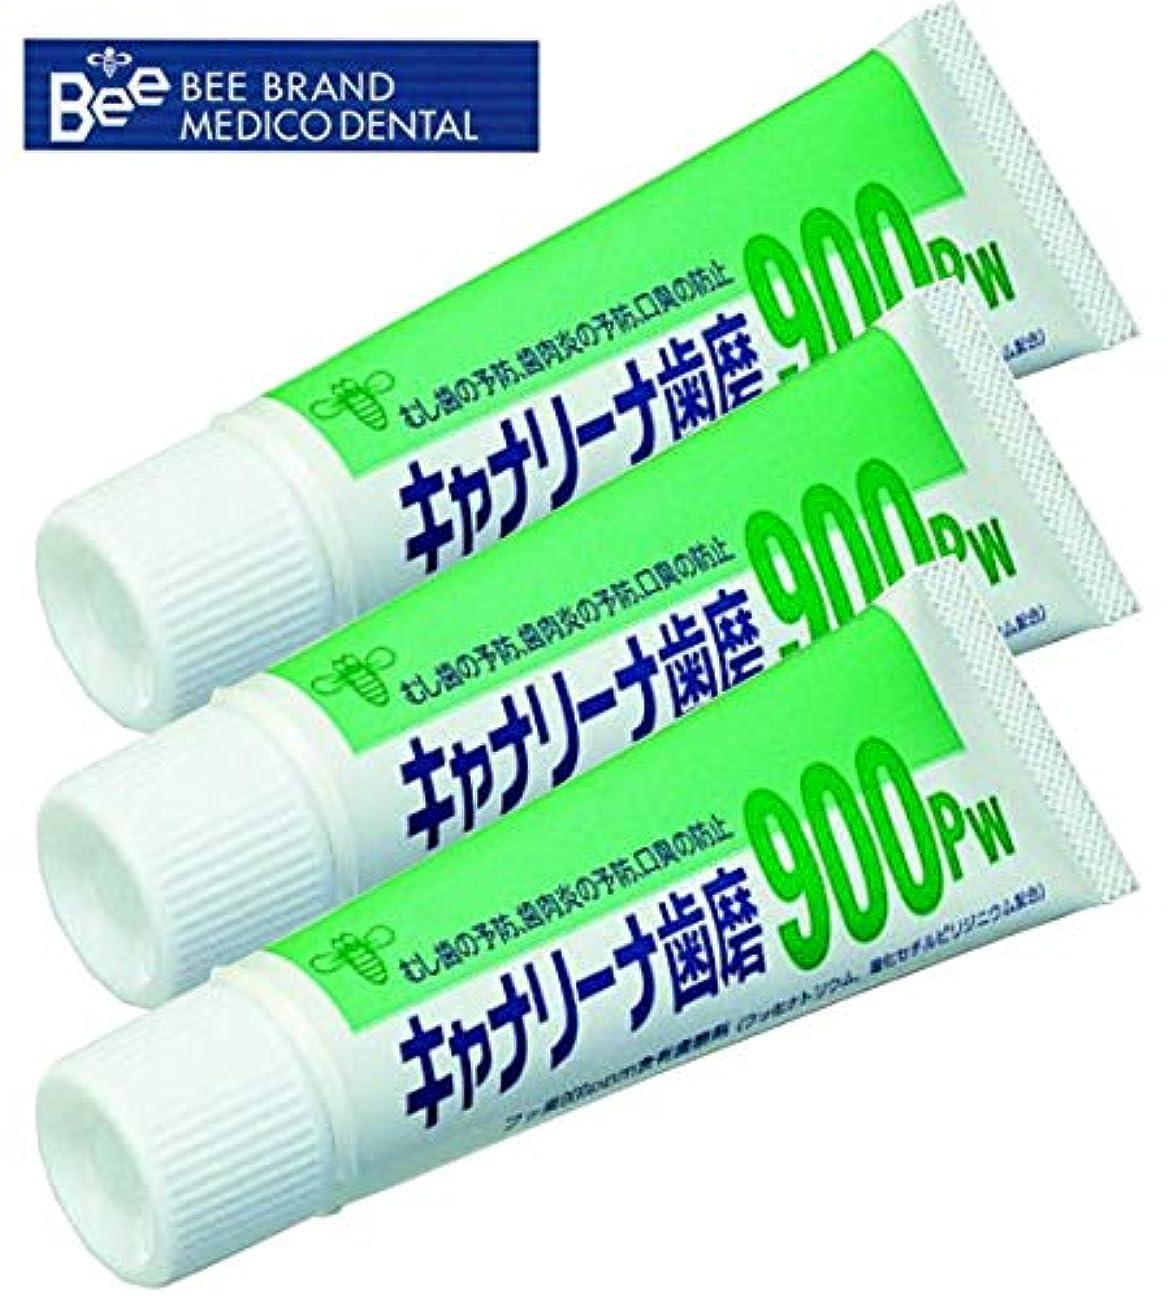 ネイティブケーブルカーモニタービーブランド(BeeBrand) キャナリーナ 歯磨 900Pw × 3本セット 医薬部外品